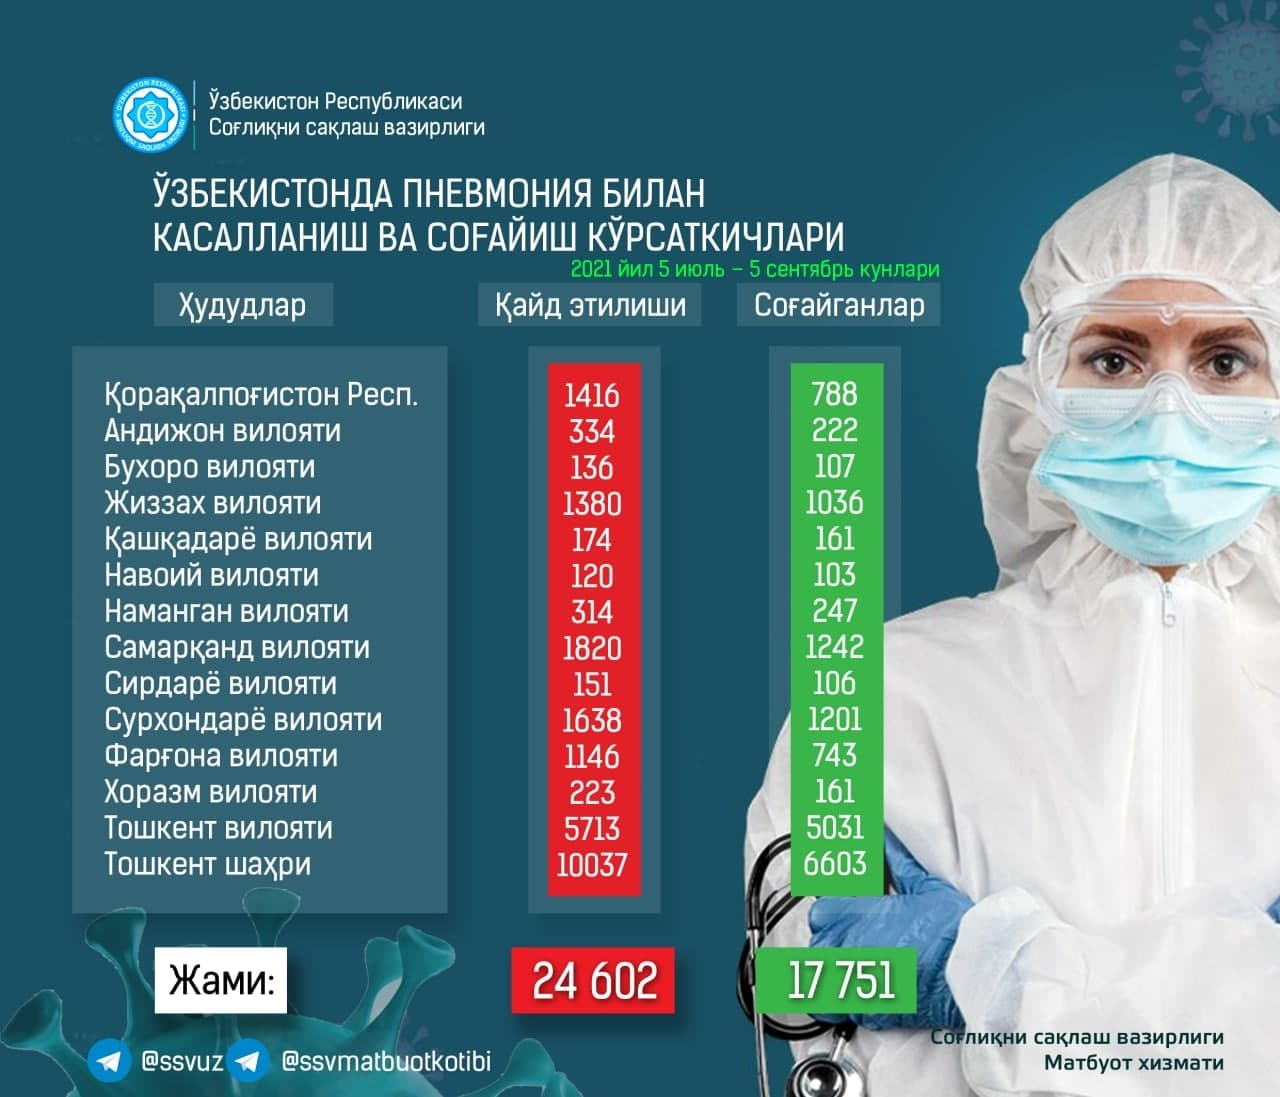 Минздрав опубликовал свежую статистику по пневмонии